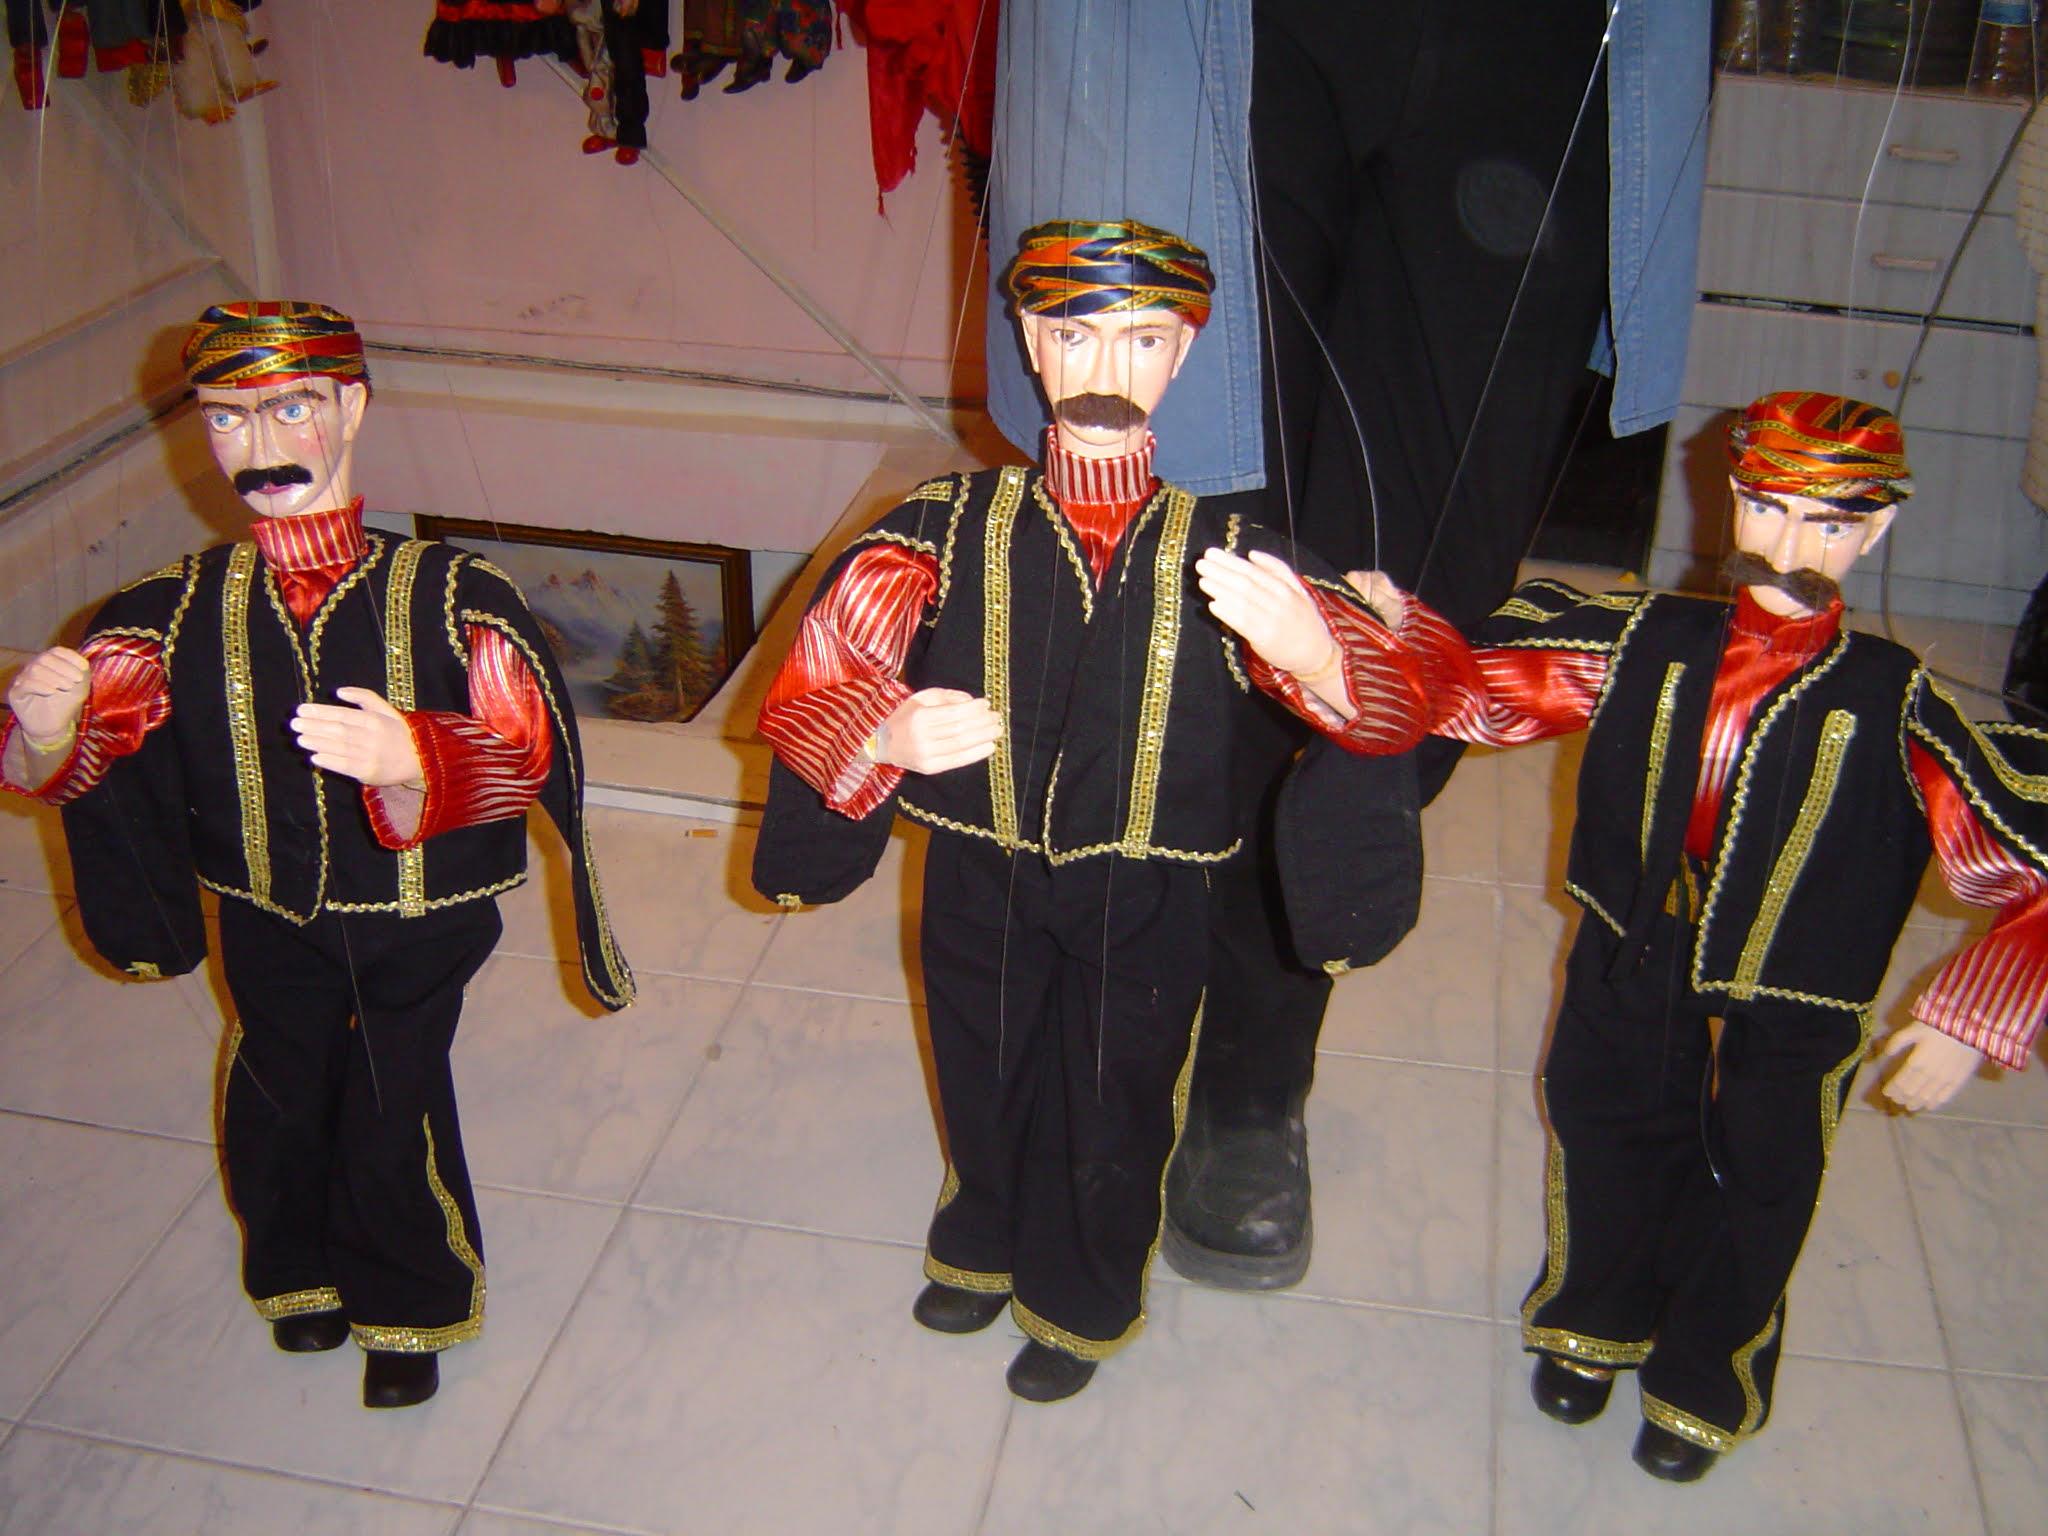 Trois marionnettes à fils de Vural Arisoy. Photo réproduite avec l'aimable autorisation de UNIMA Turkey (UNIMA Turkiye)